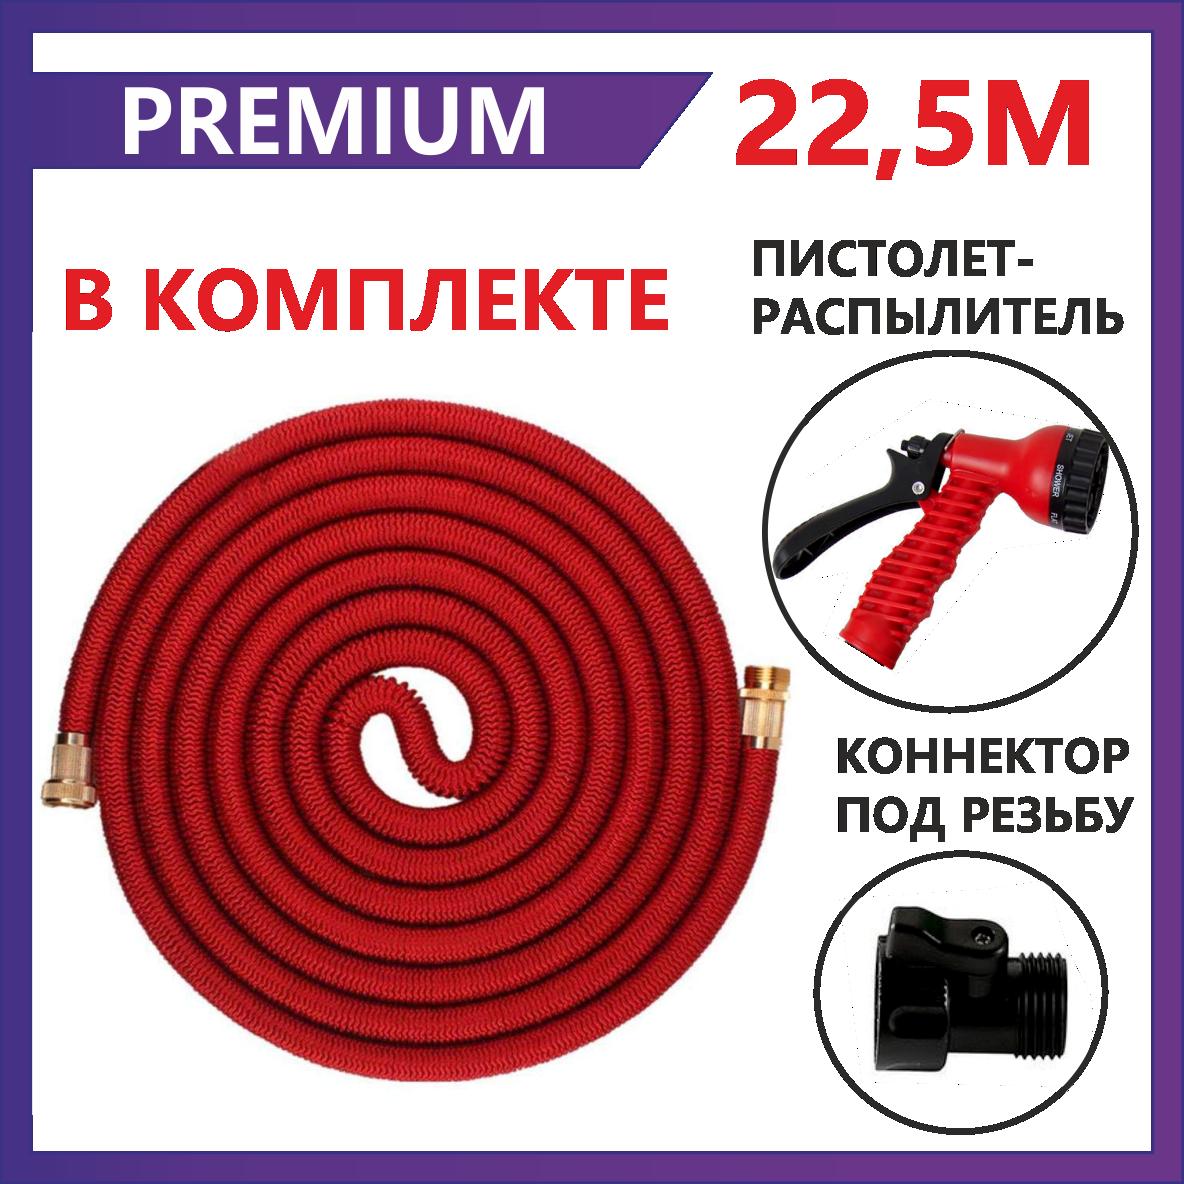 ✅ УЛЬТРА КАЧЕСТВО - Шланг для полива саморастягивающийся 22.5 м,  4 цвета - magic hose